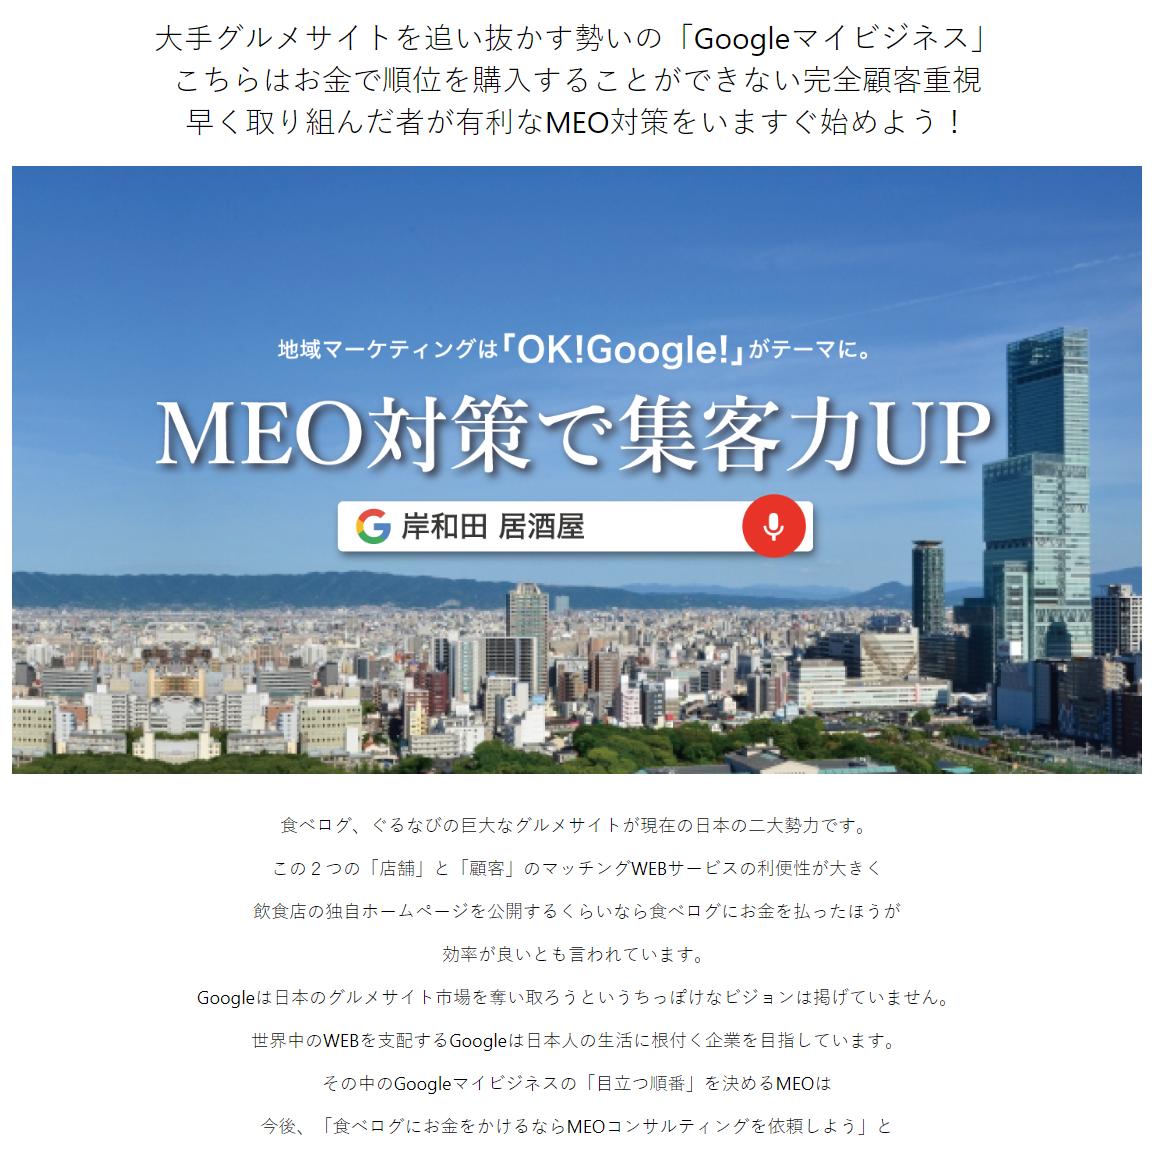 クライシスリレーションズ株式会社|大阪岸和田